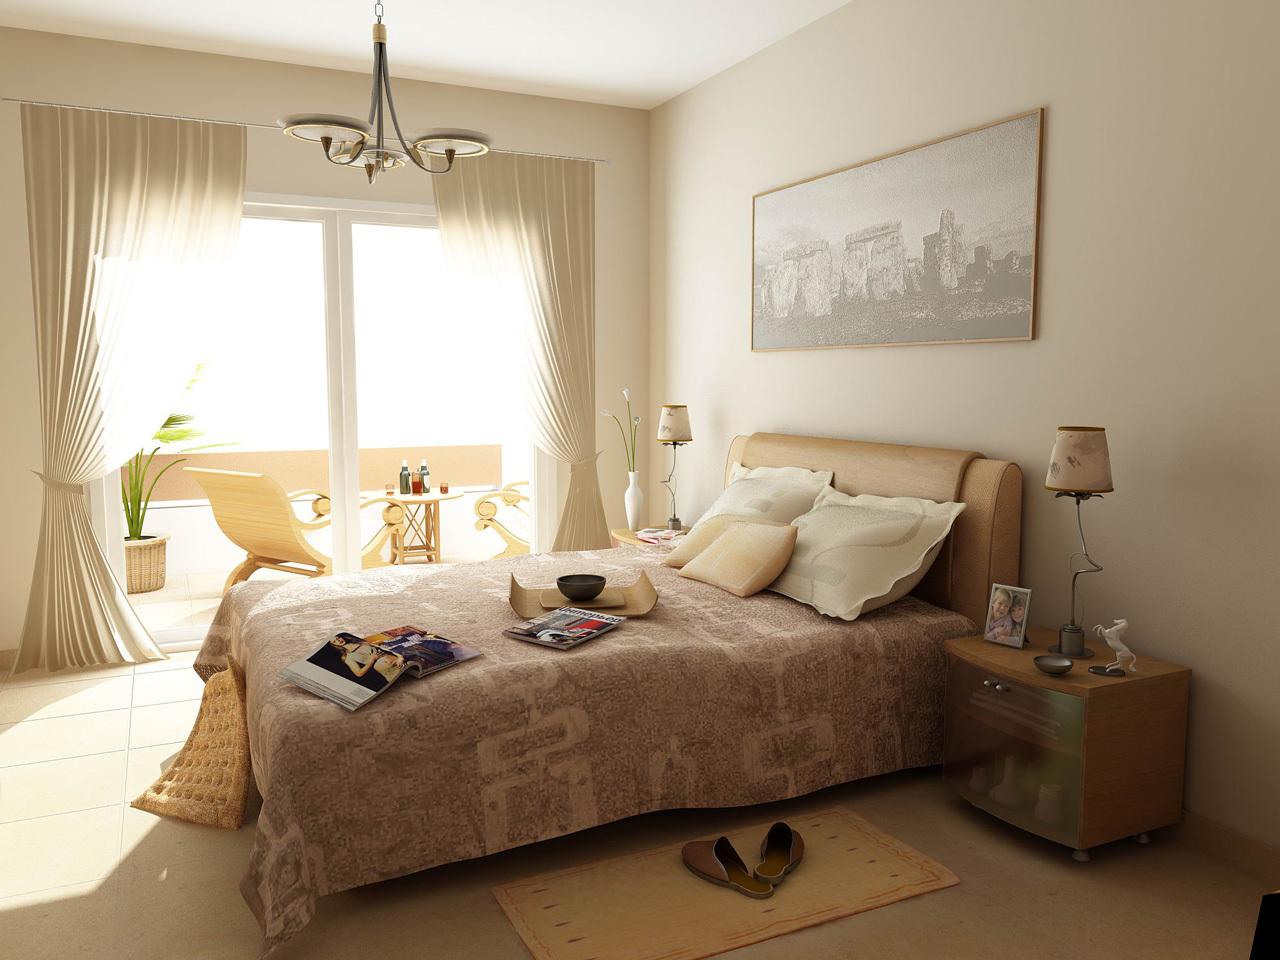 Для тех, кого не пугает глобальный ремонт, предлагаем присоединить несколько метров балкона к вашей спальной комнате.